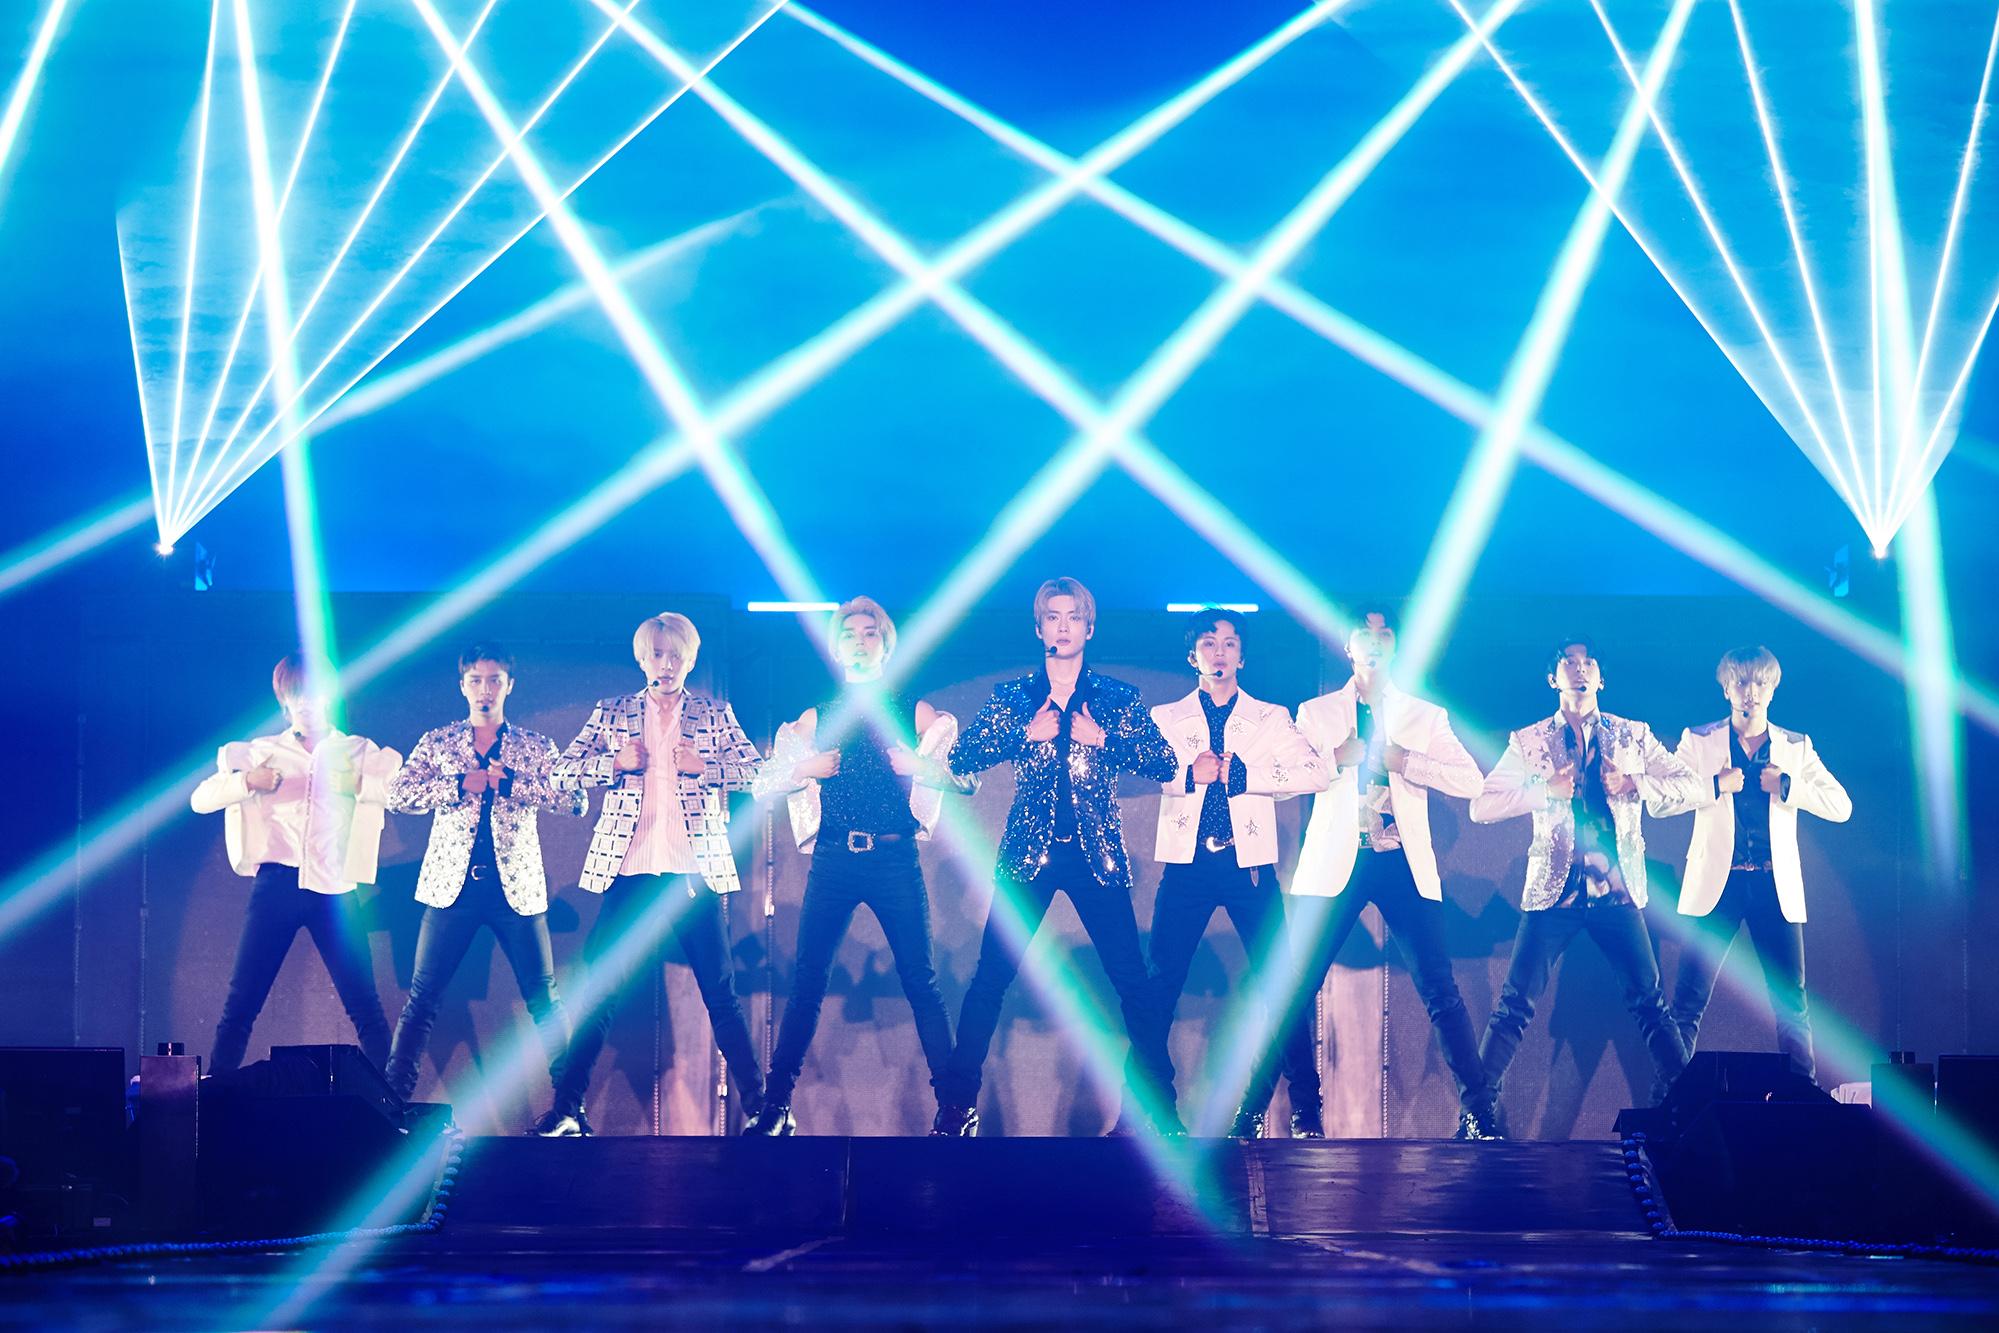 NCT 127泰国首次单独演唱会盛况空前